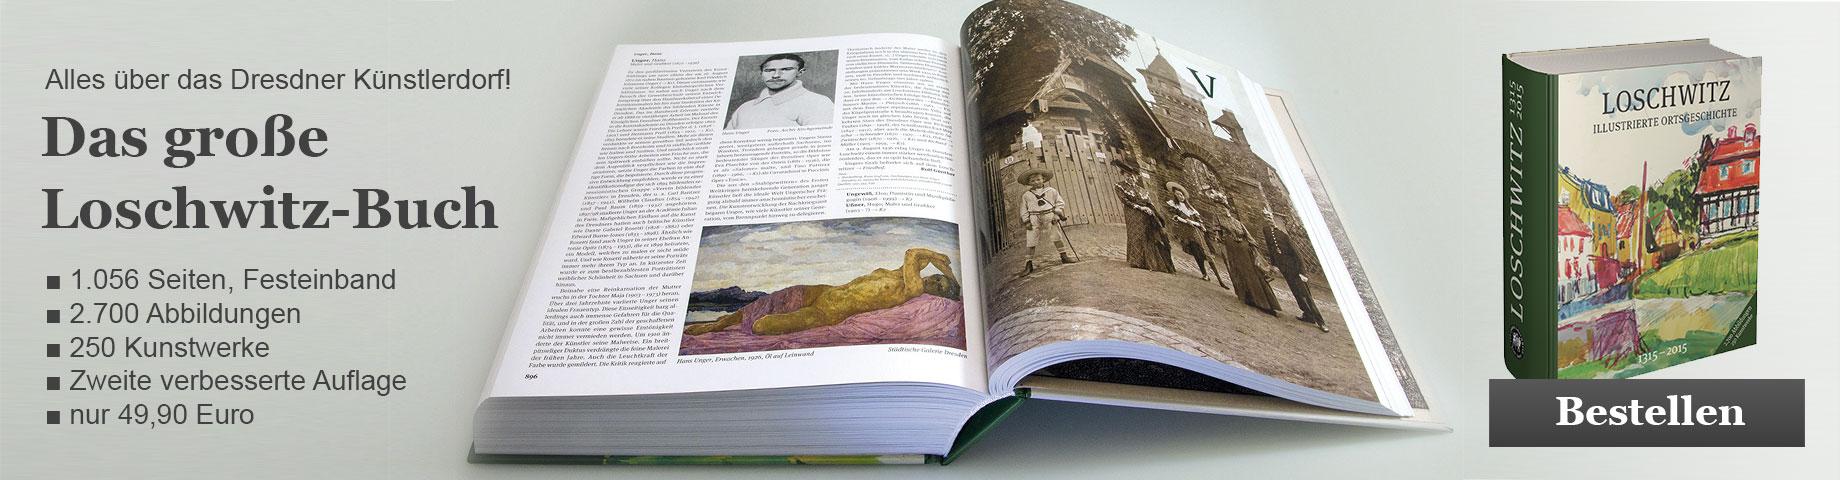 Das große Loschwitz-Buch